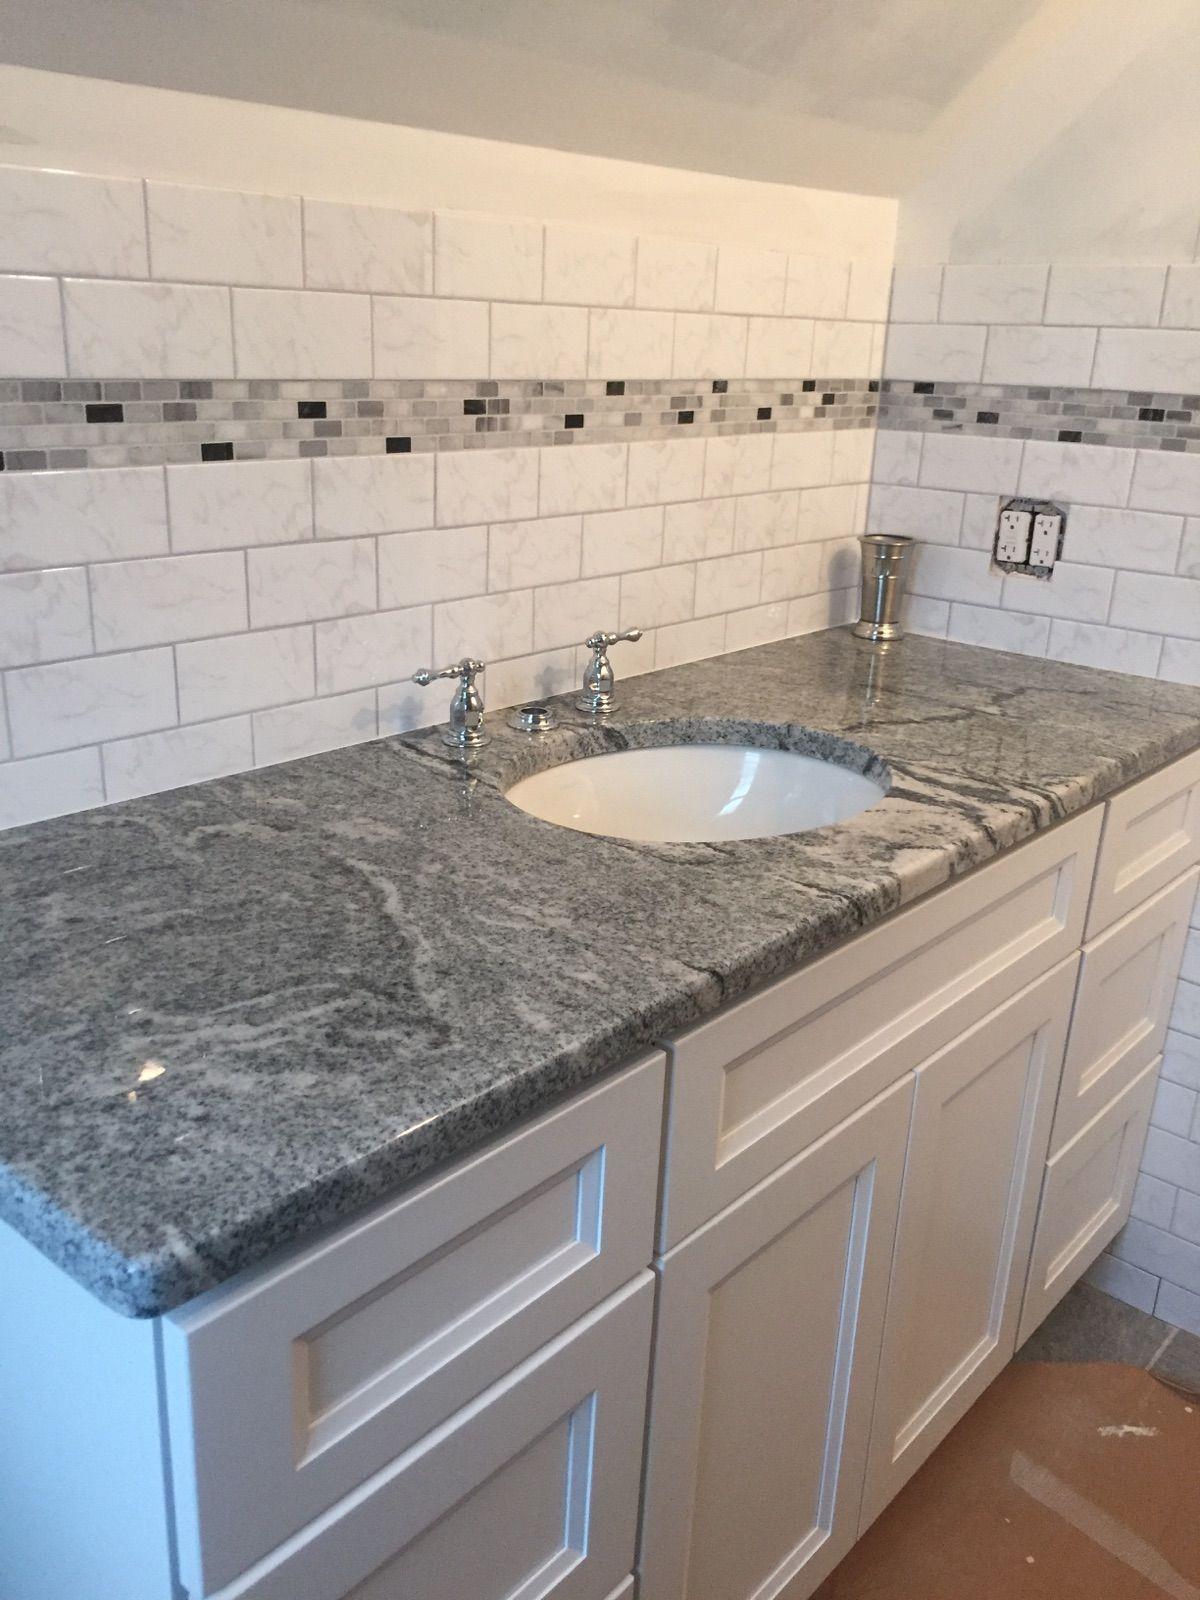 Granite Viscont White Cabinetry Jwq Concord White Location Wilmington De Granite Bathroom Vanity Visco White Granite Bathroom Granite Bathroom Bathroom